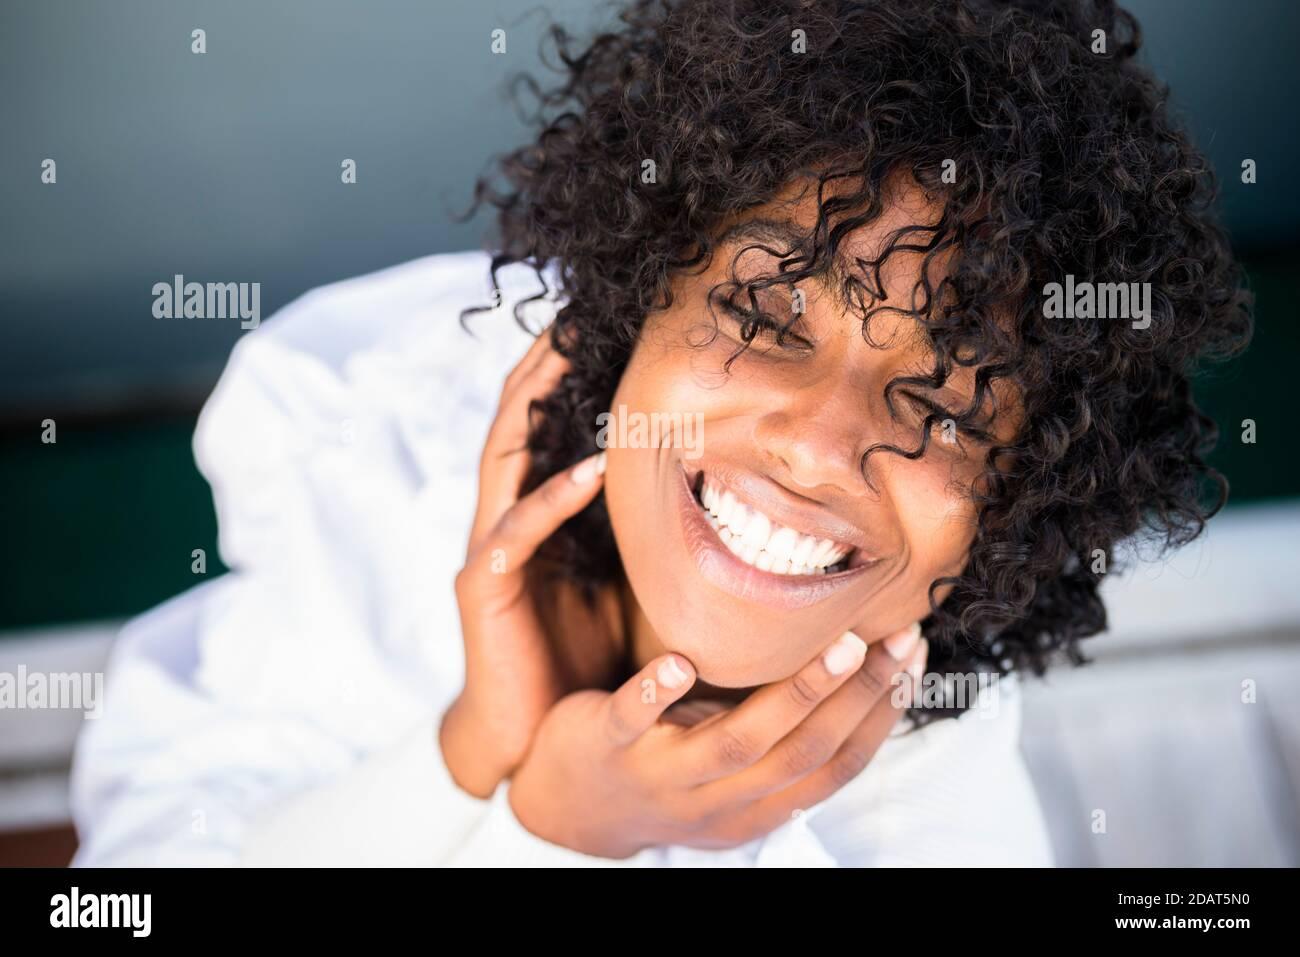 Joyeux joyeux portrait de jeune femme - noir africain belle fille souriez et profitez de l'appareil photo à l'extérieur - dents et beauté de la peau et des cheveux africains Banque D'Images